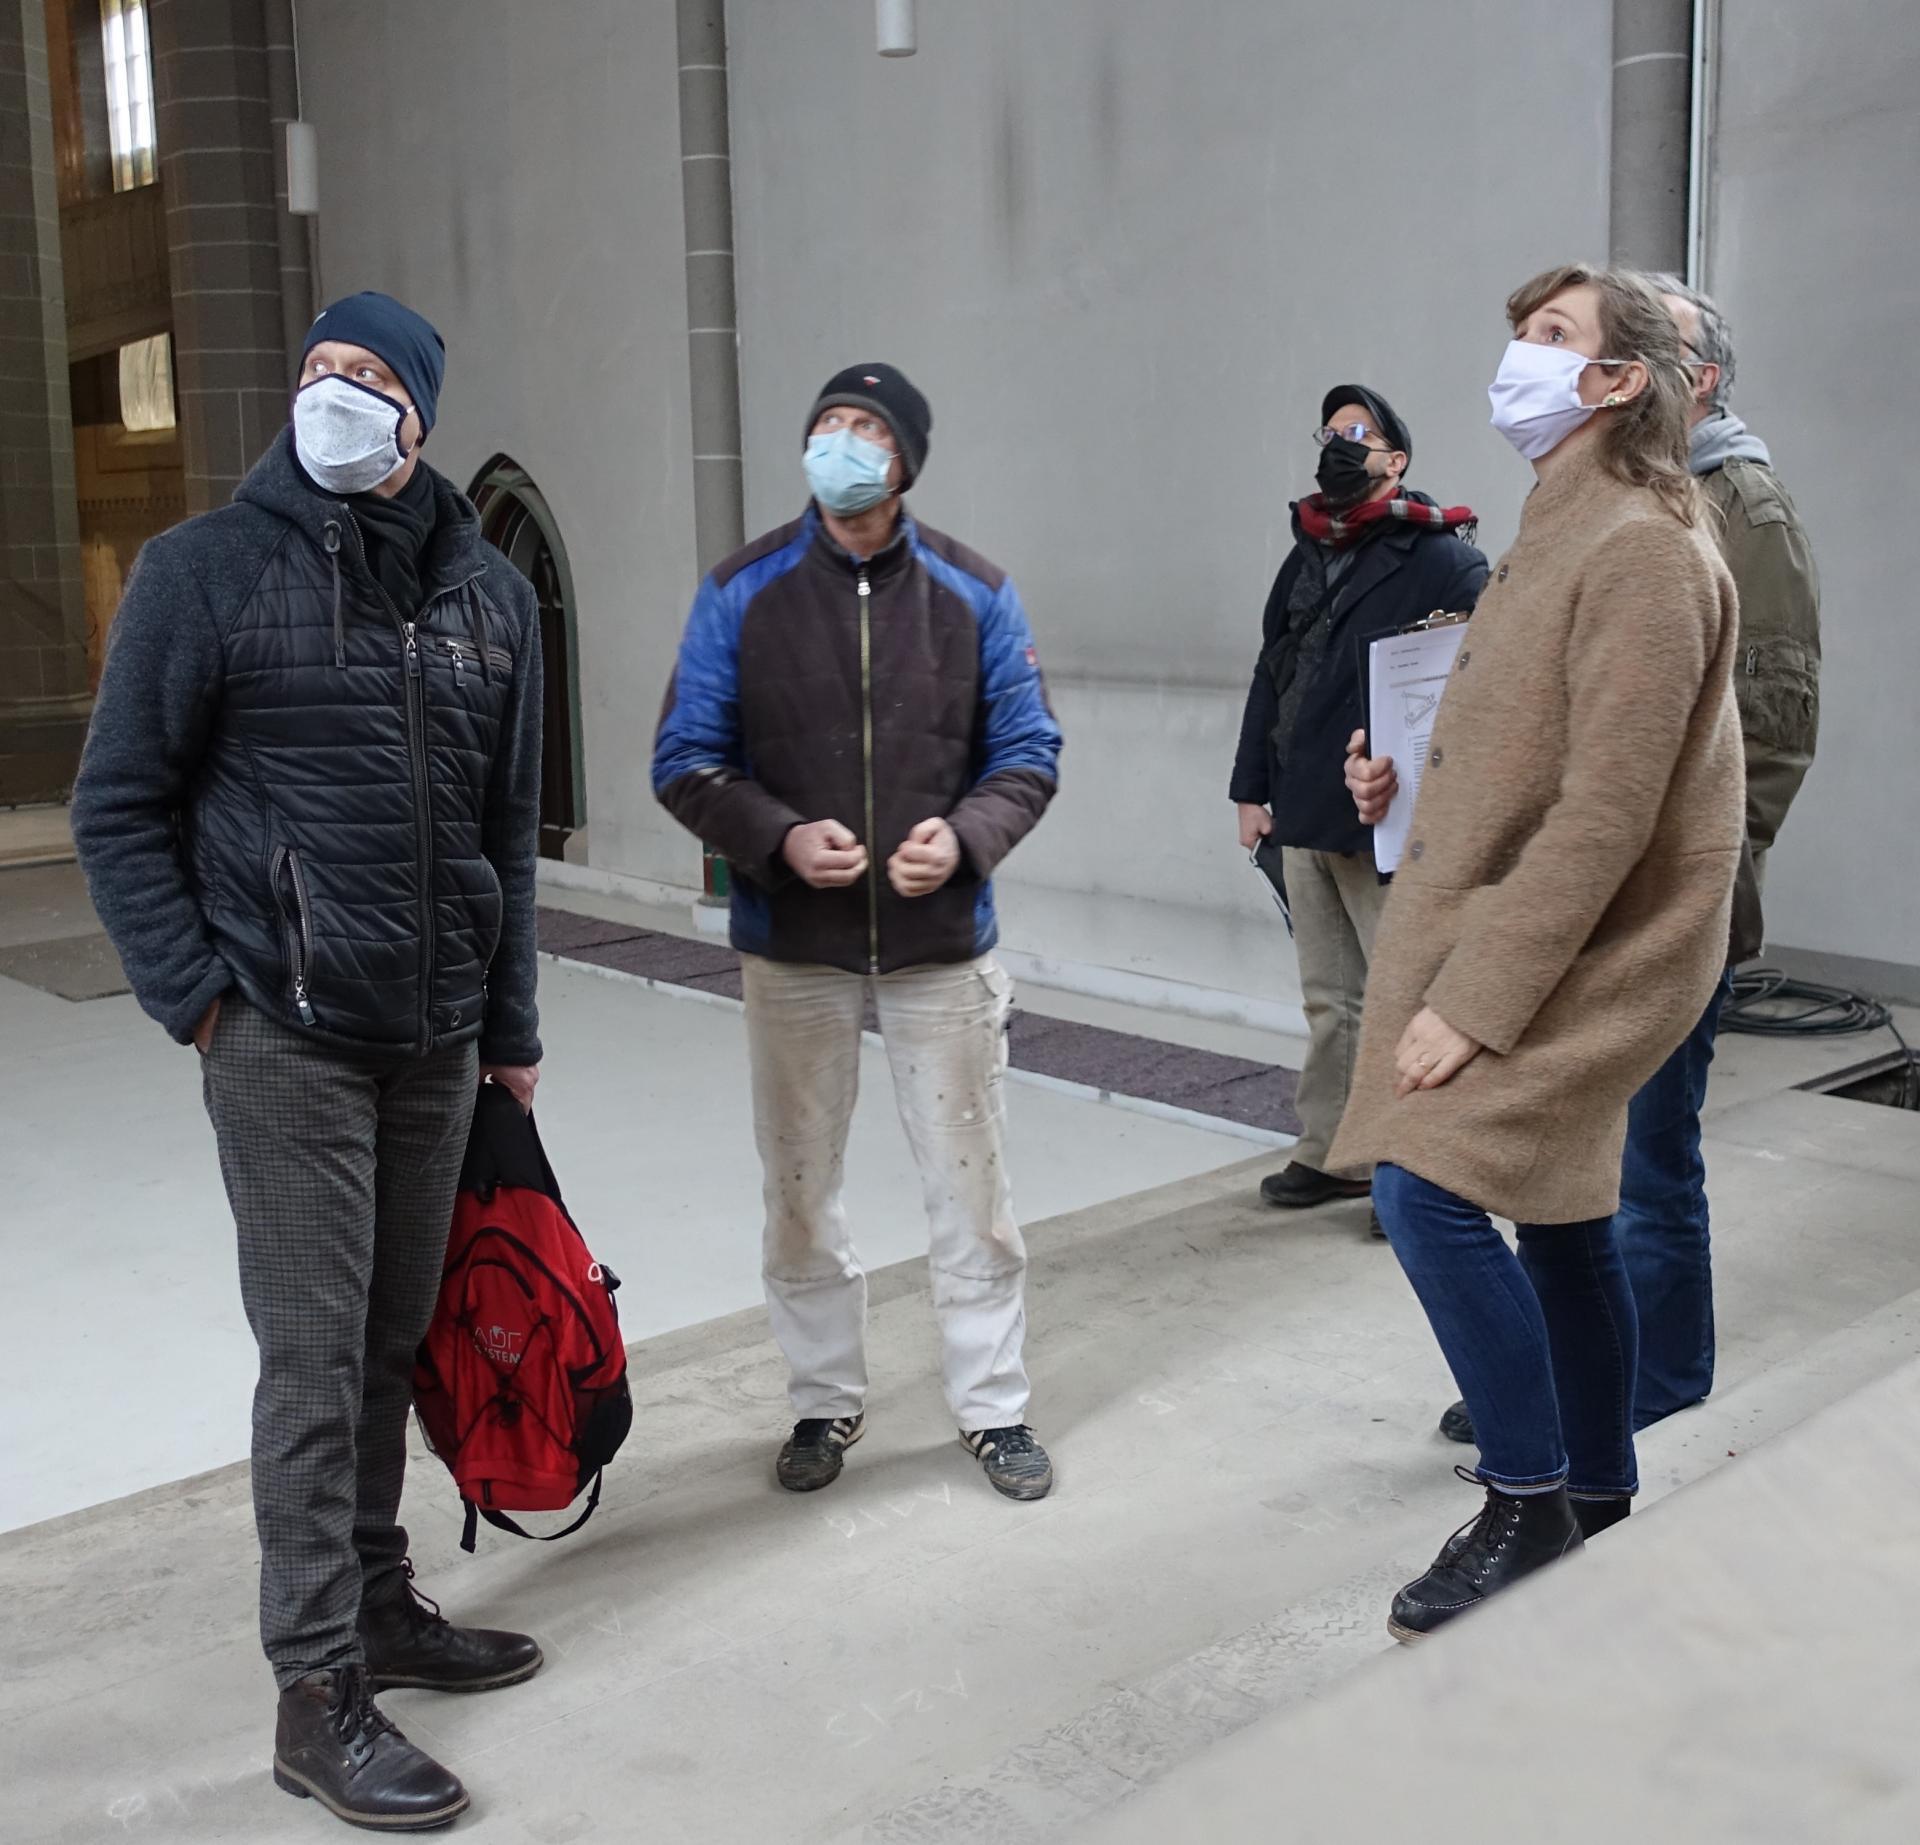 Bild 247 zeigt die Brüder Bernd und Dirk Alberding (Malermeister) im Gespräch mit Nicole Sterzing- es geht natürlich um die Abklebung und den Schutz der Fenster.